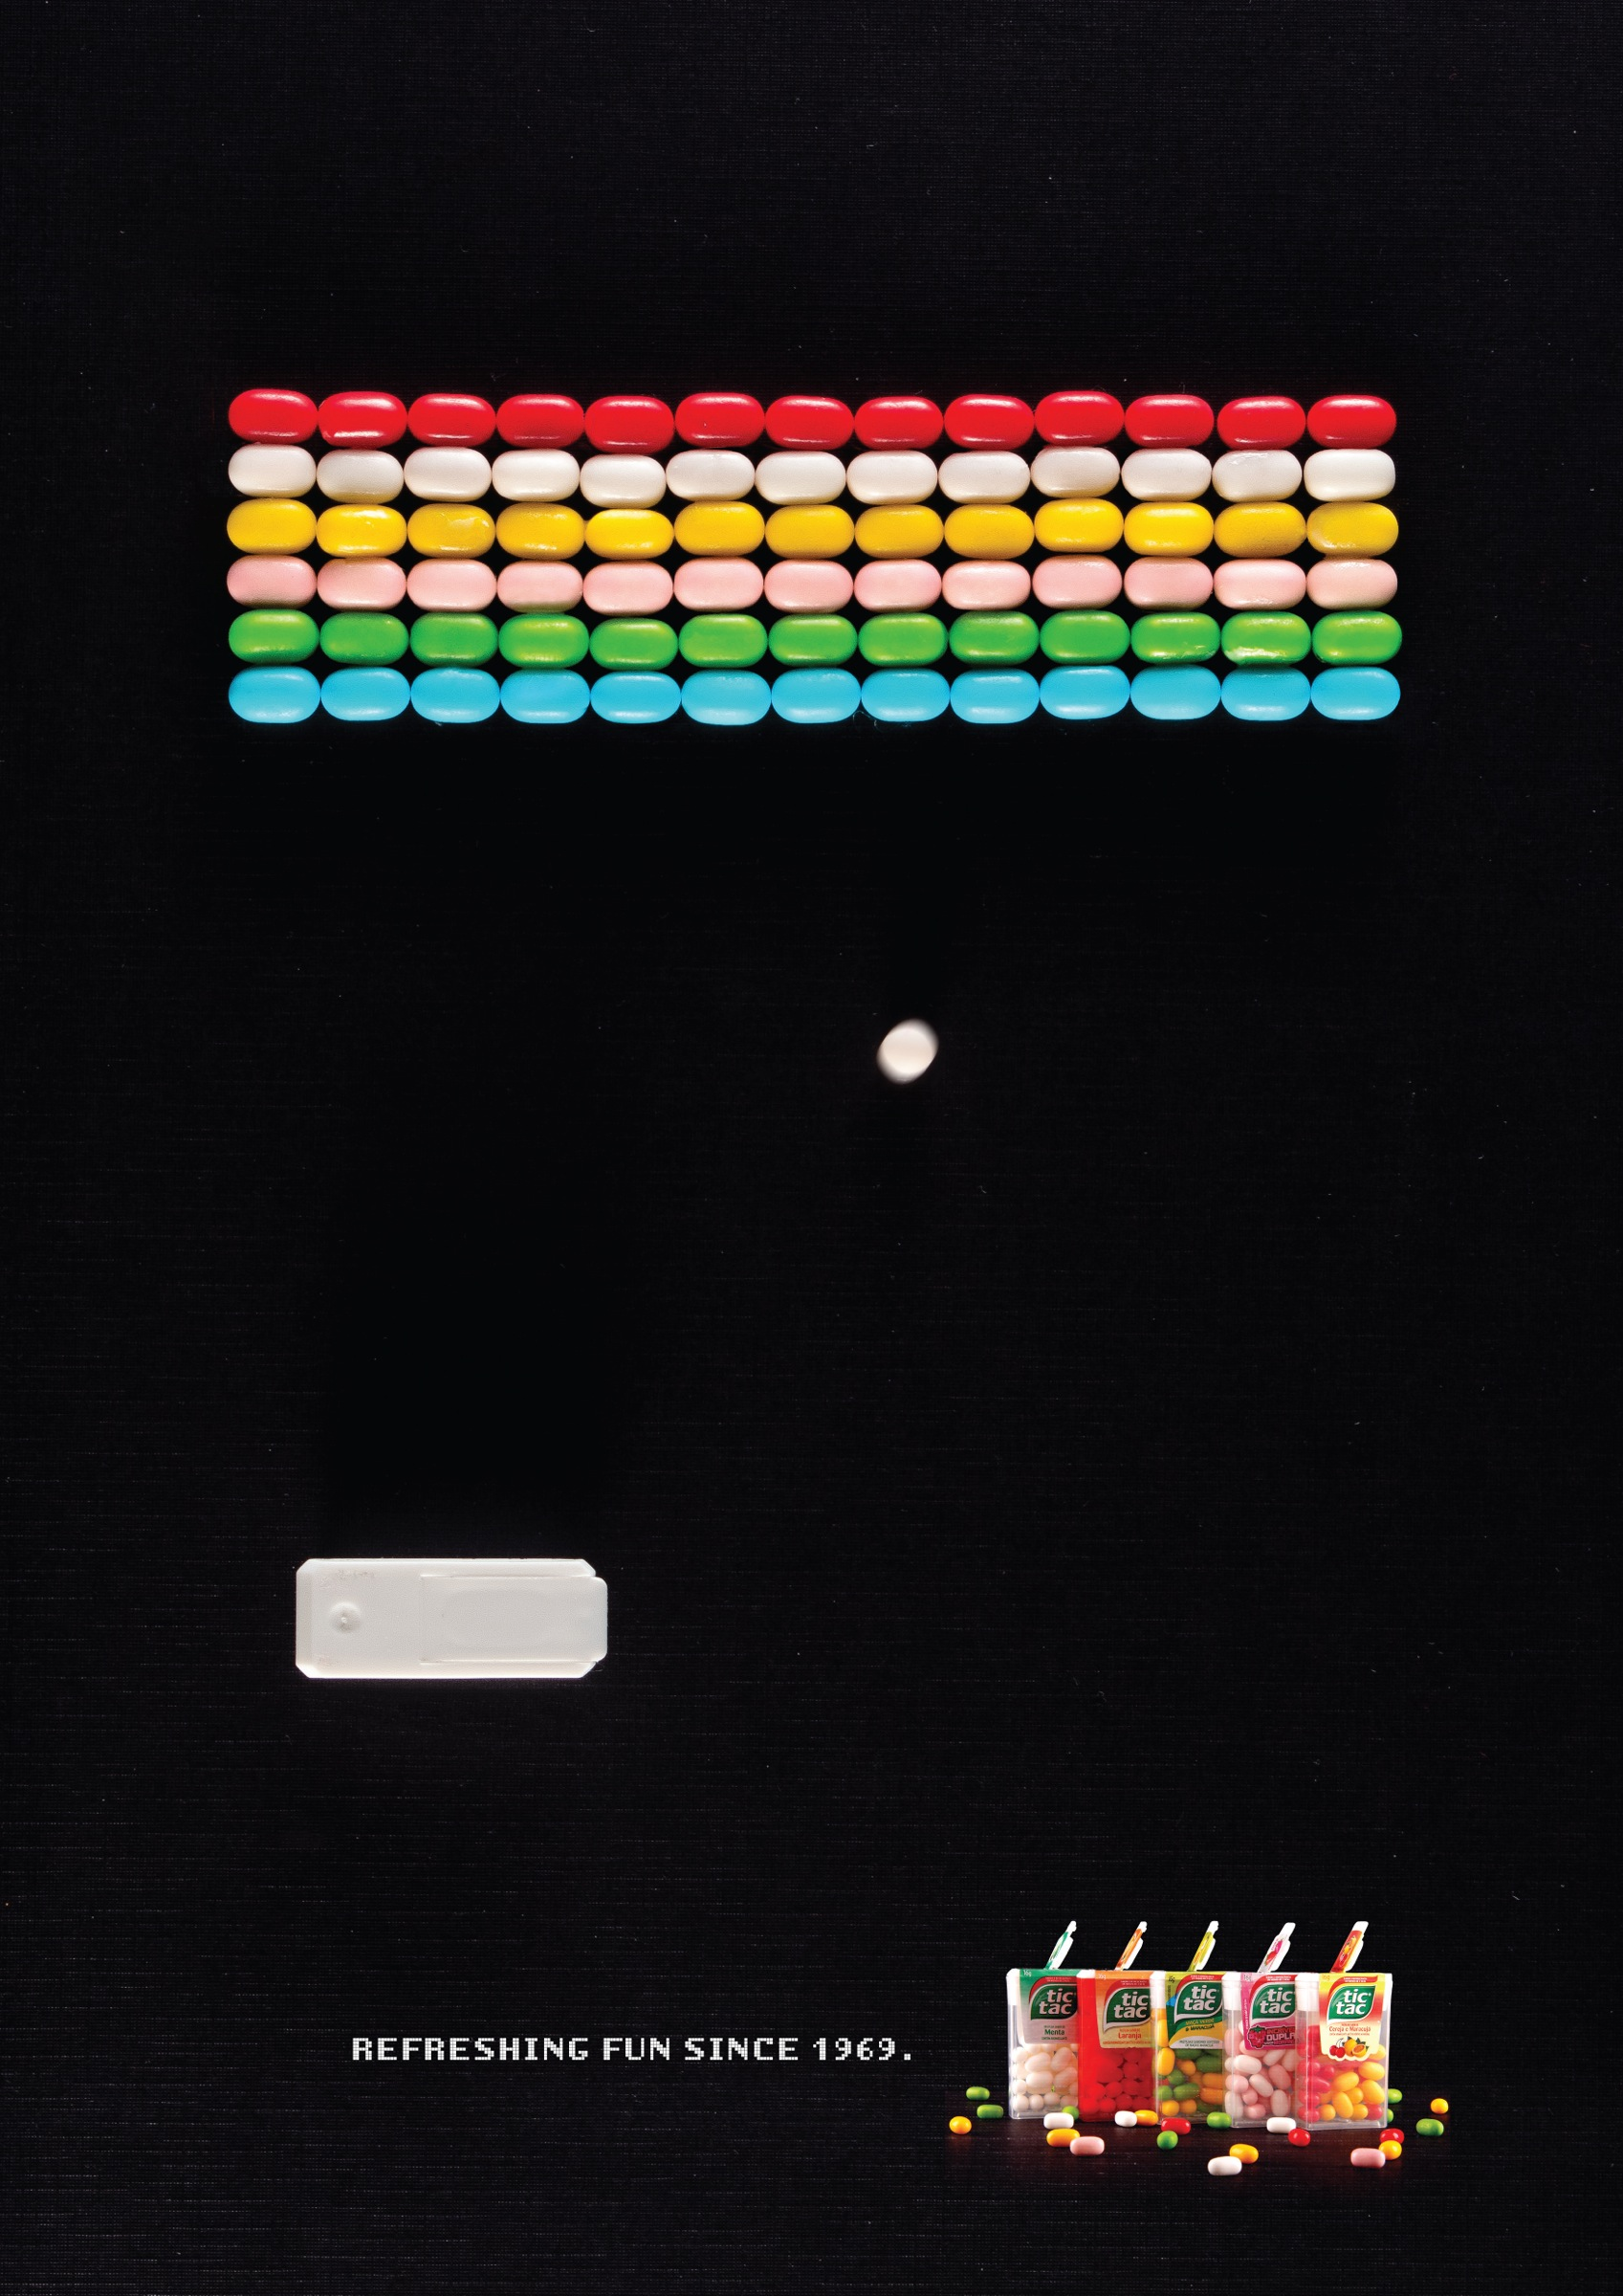 pub-titac-jeuvideo-couleurs-01 - La boite verte